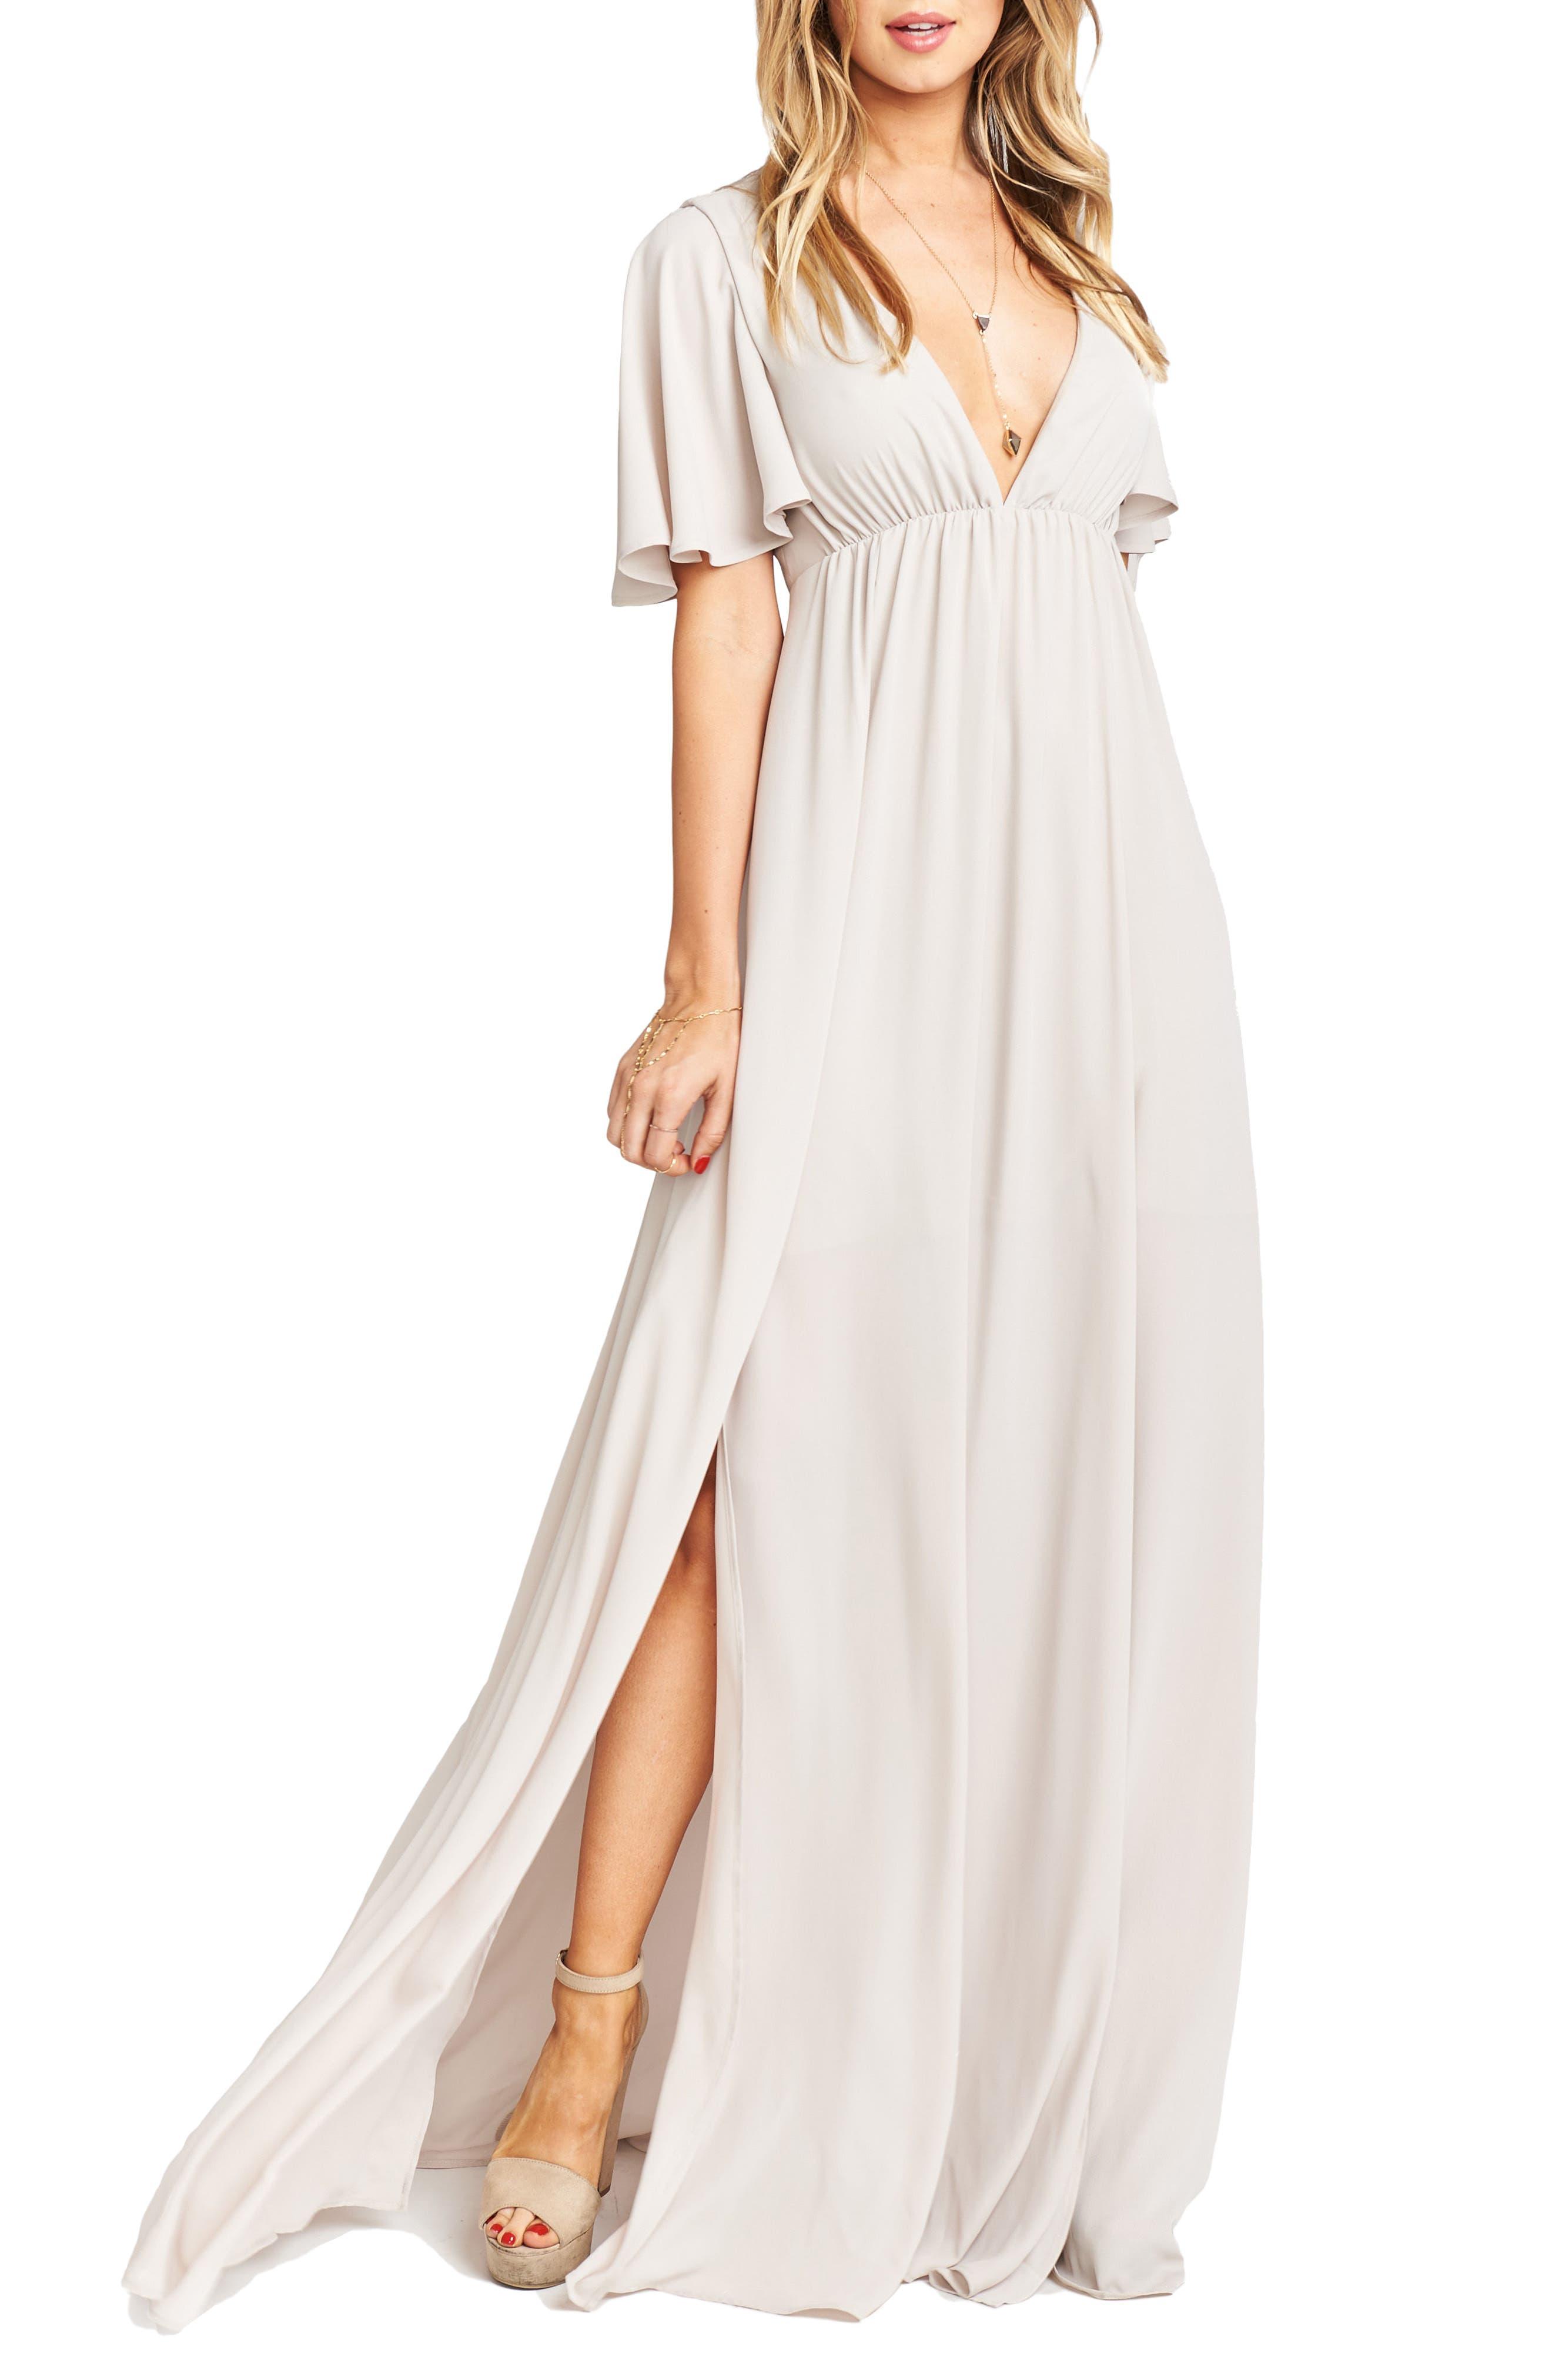 Main Image - Show Me Your Mumu Faye Chiffon Gown